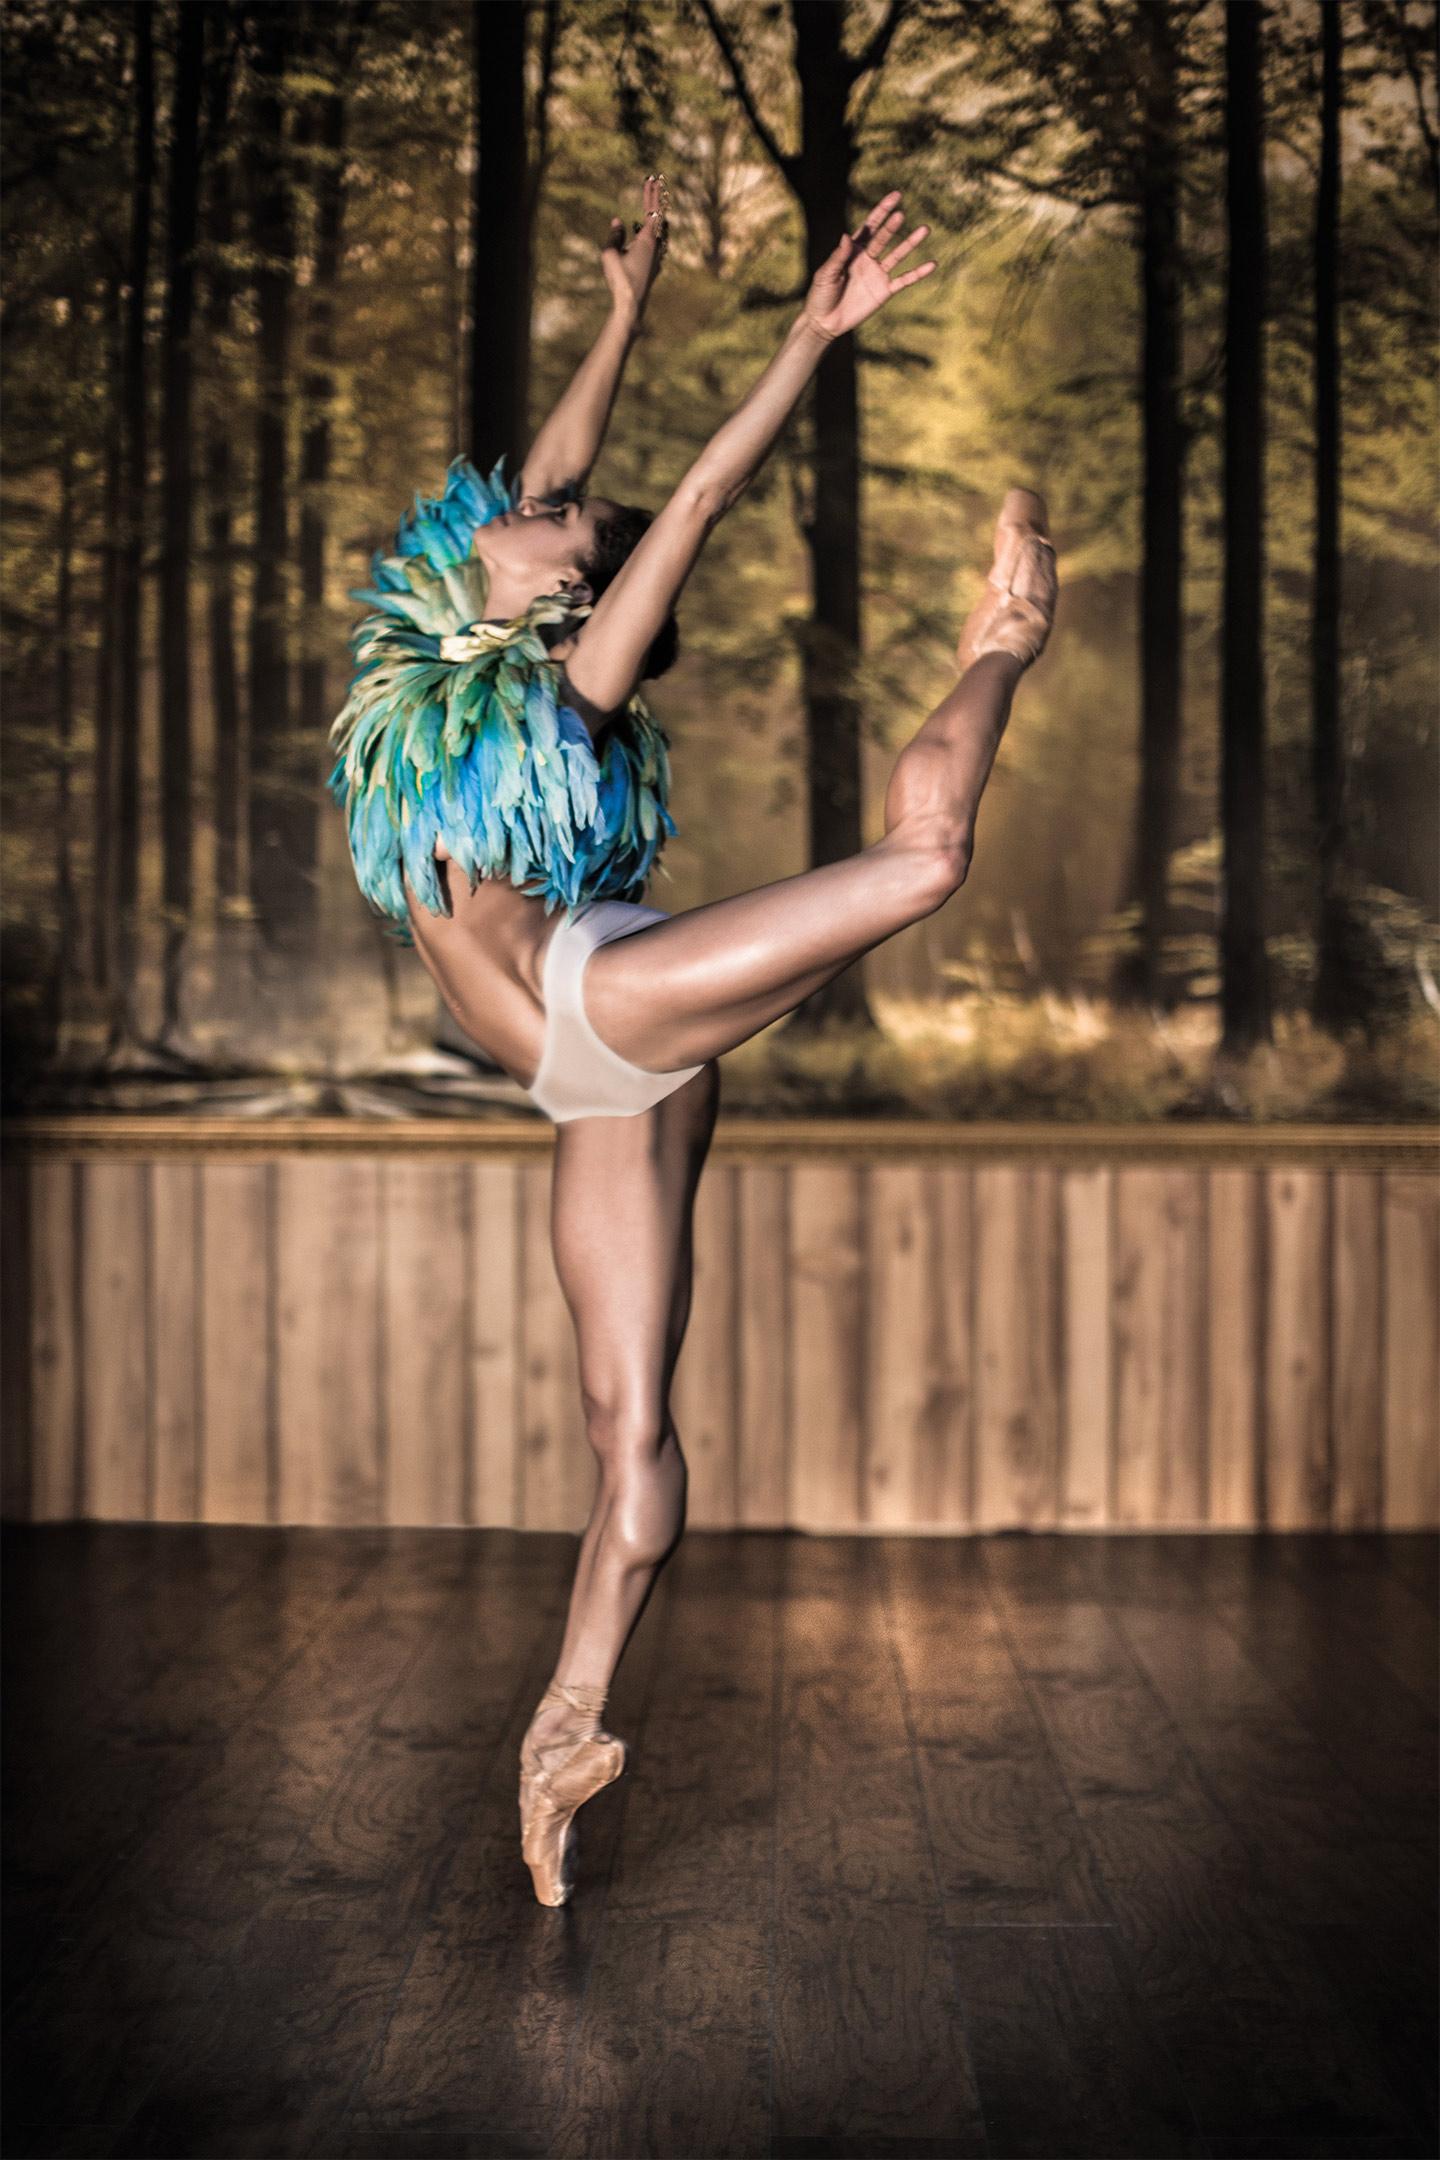 свое время откровенные фото балет думал ней мечтал